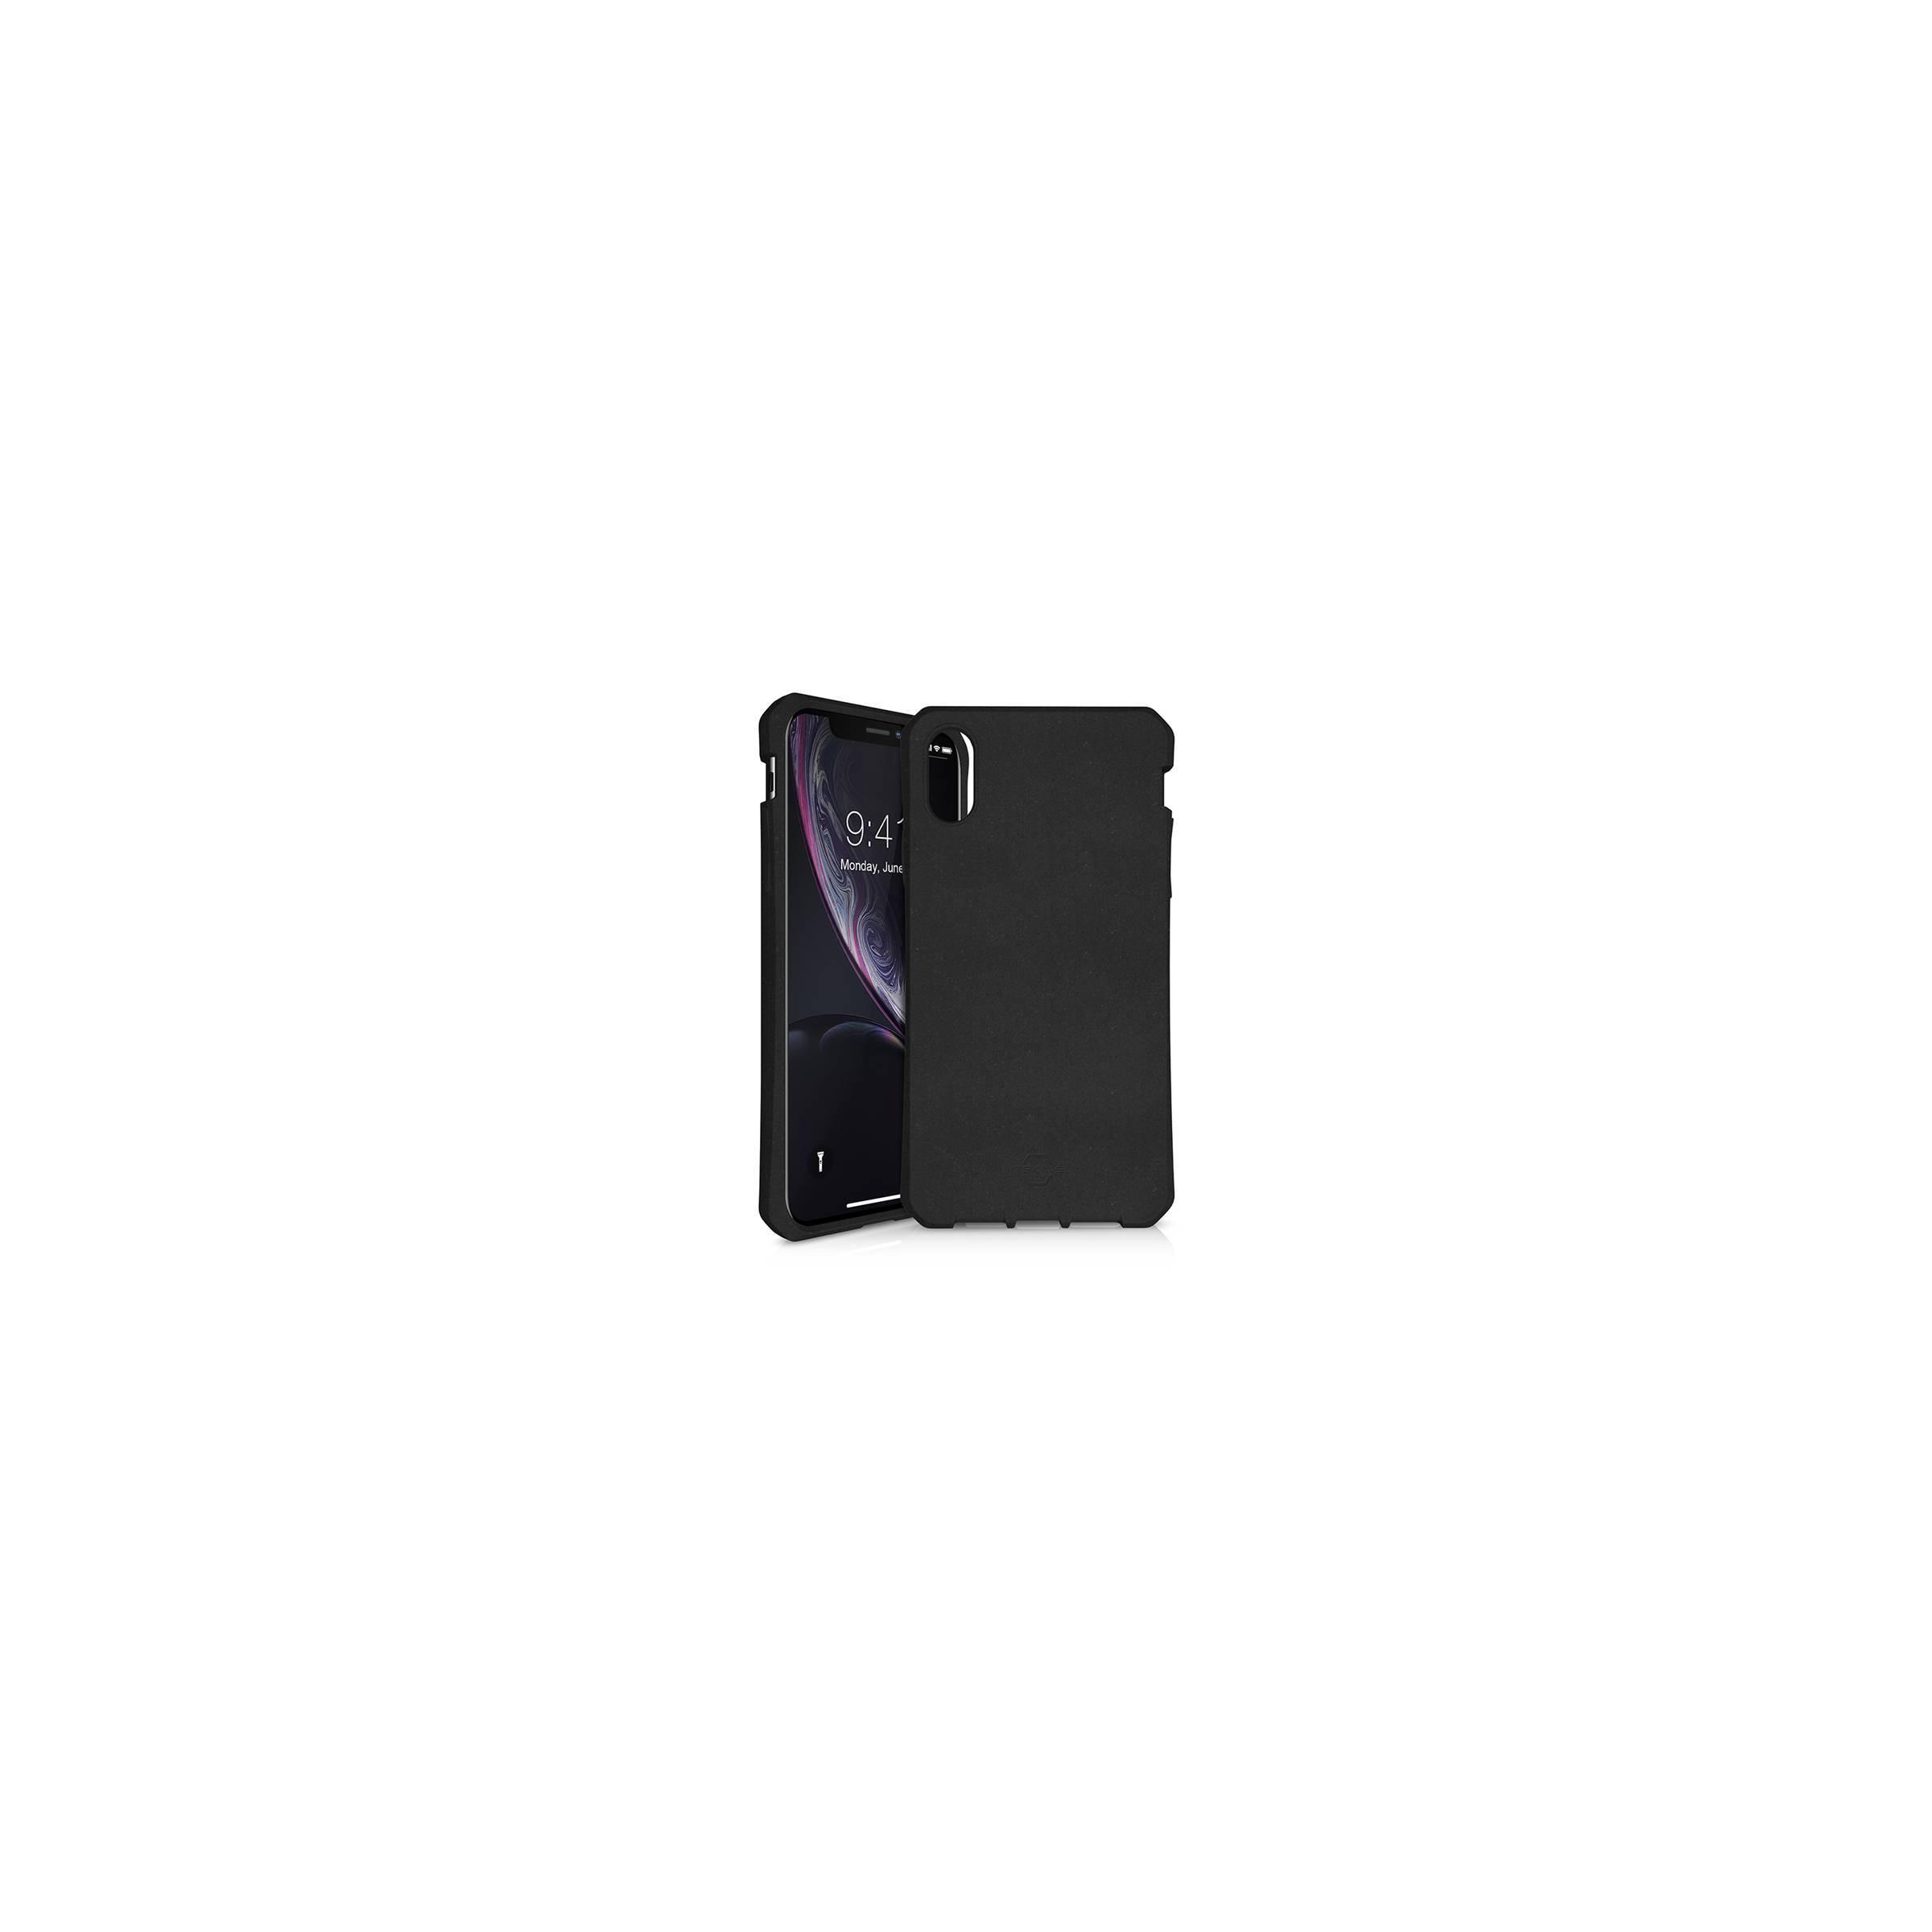 Feroniabio bionedbrydeligt iphone xr cover fra itskins fra itskins på mackabler.dk